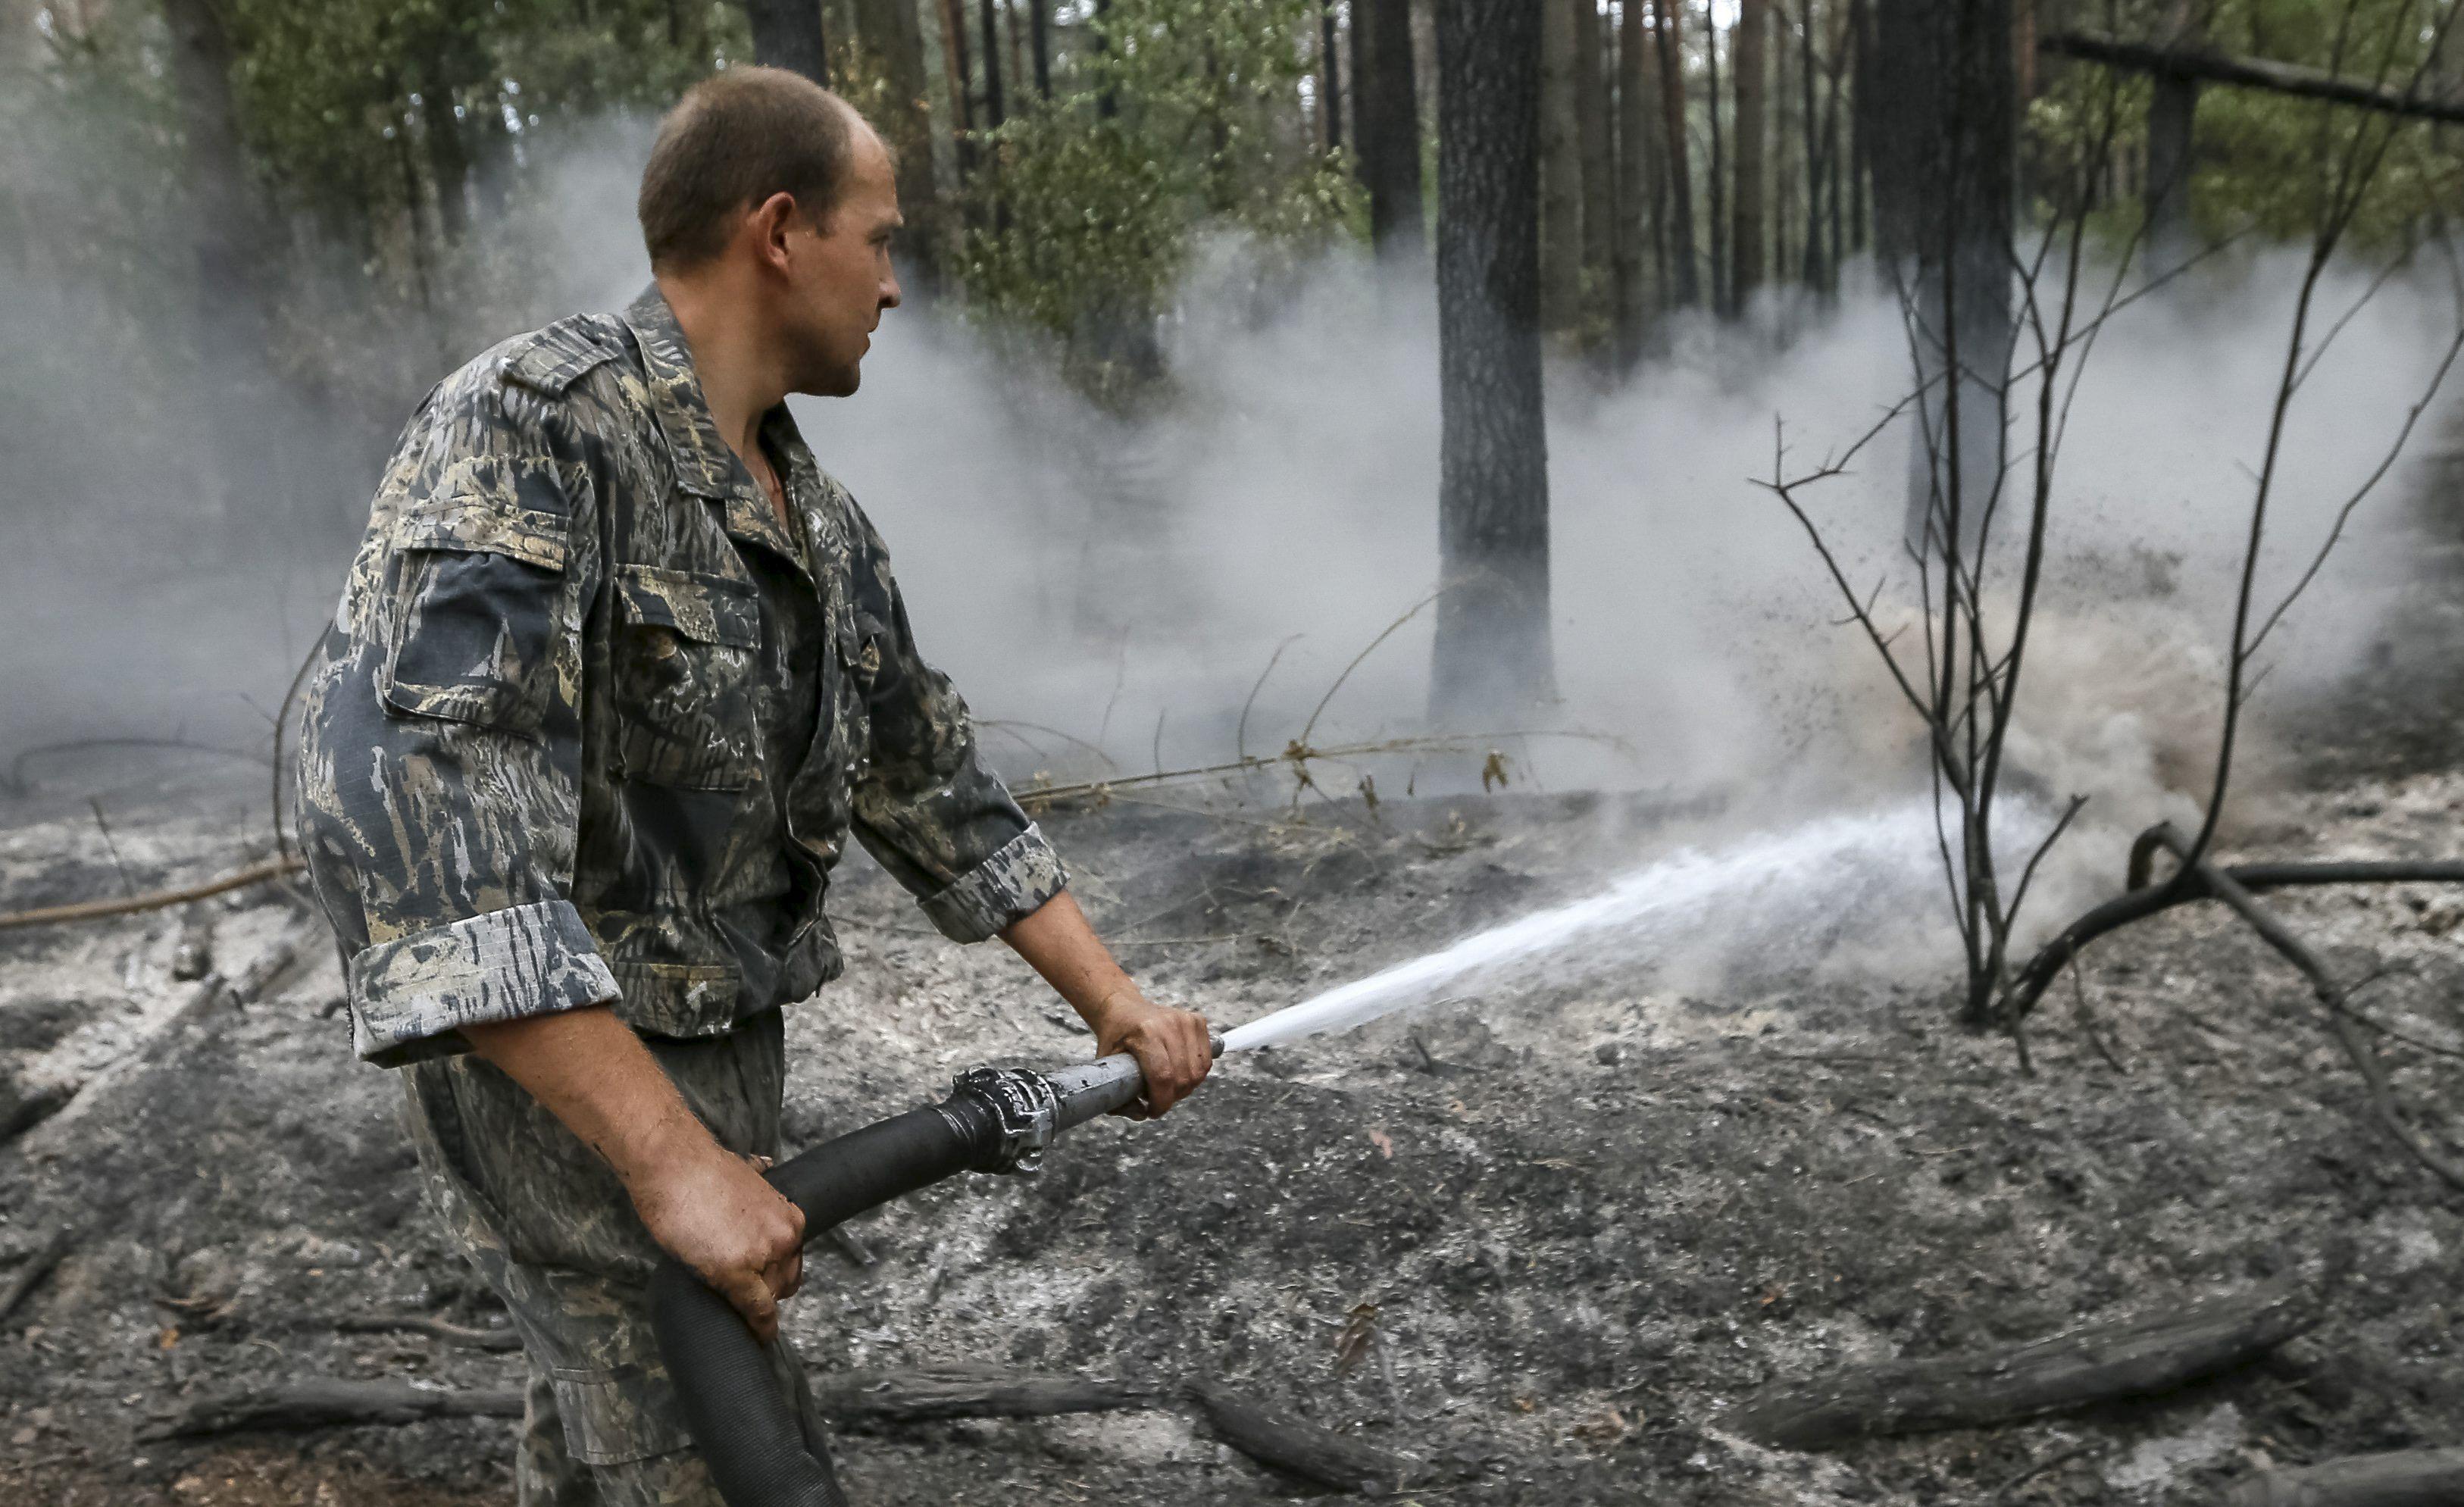 Тушение пожара в лесу, иллюстрация